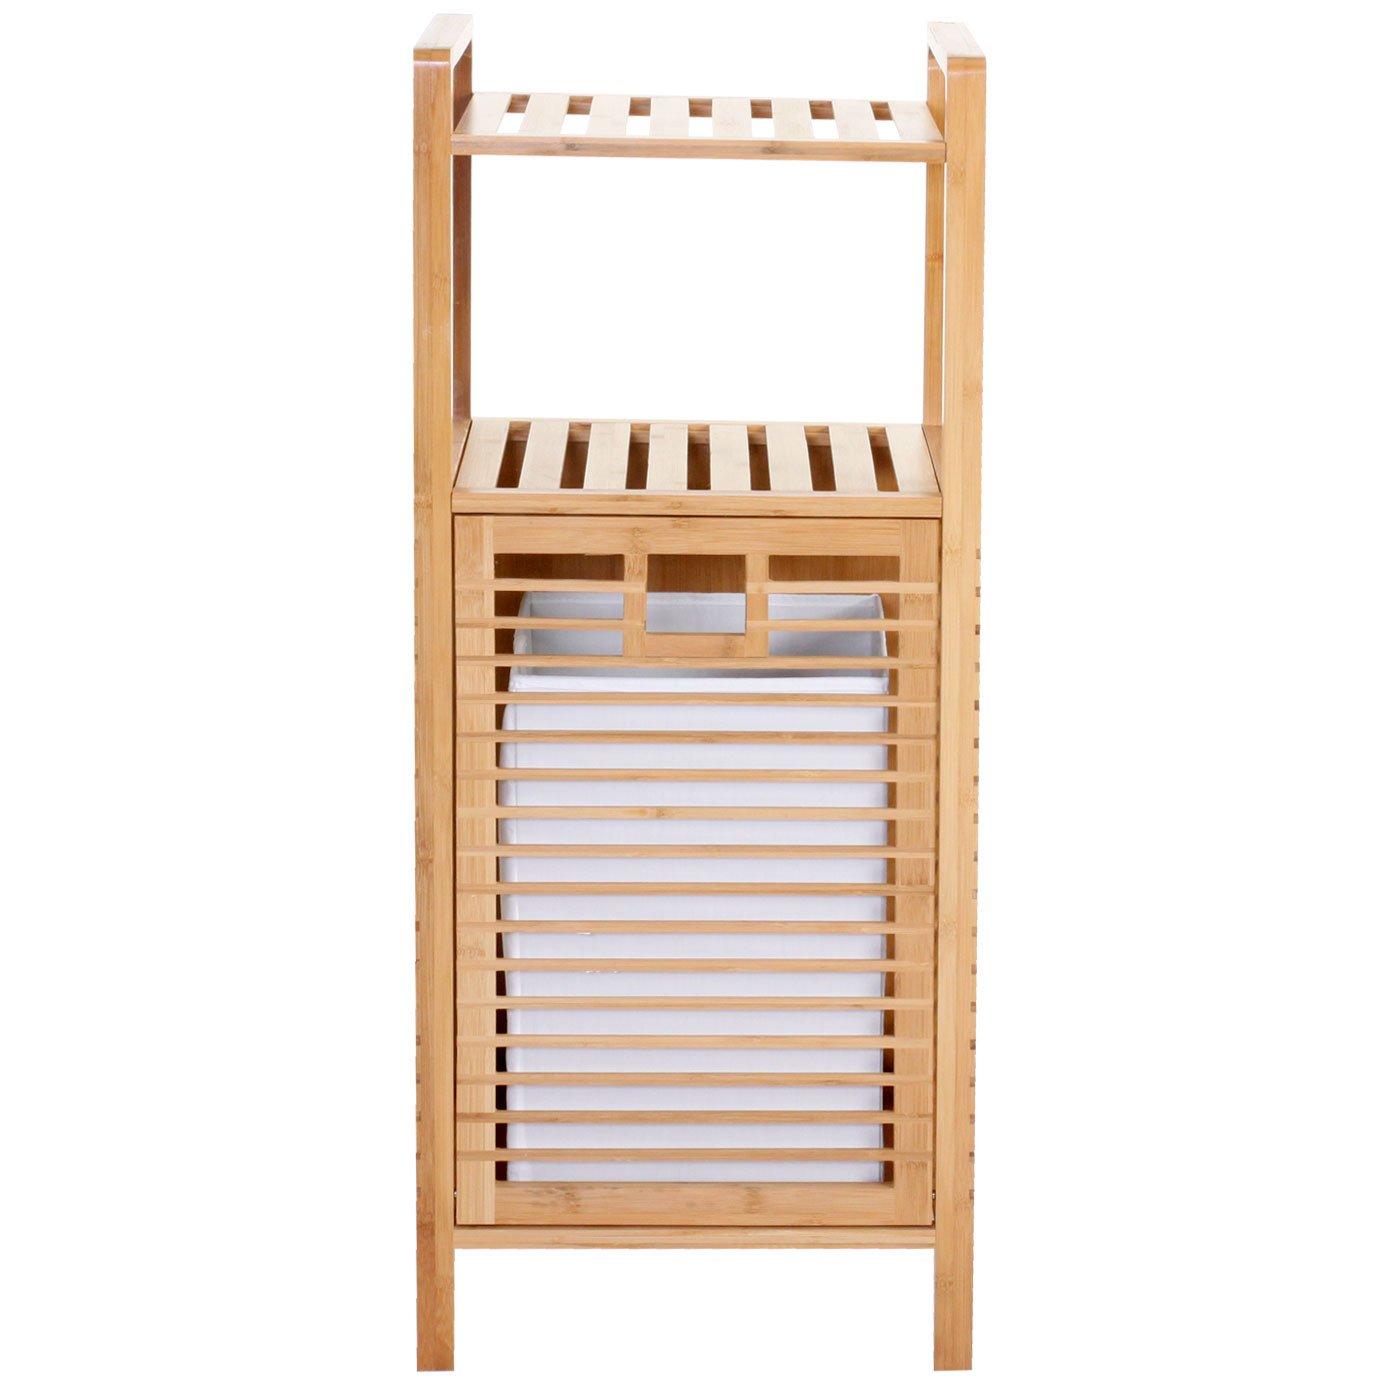 Good Badezimmer Regal Mit Waschekorb #2: Mendler Wäschekorb Narita, Badregal Mit Wäschefach, Bambus 100x40x30cm:  Amazon.de: Küche U0026 Haushalt